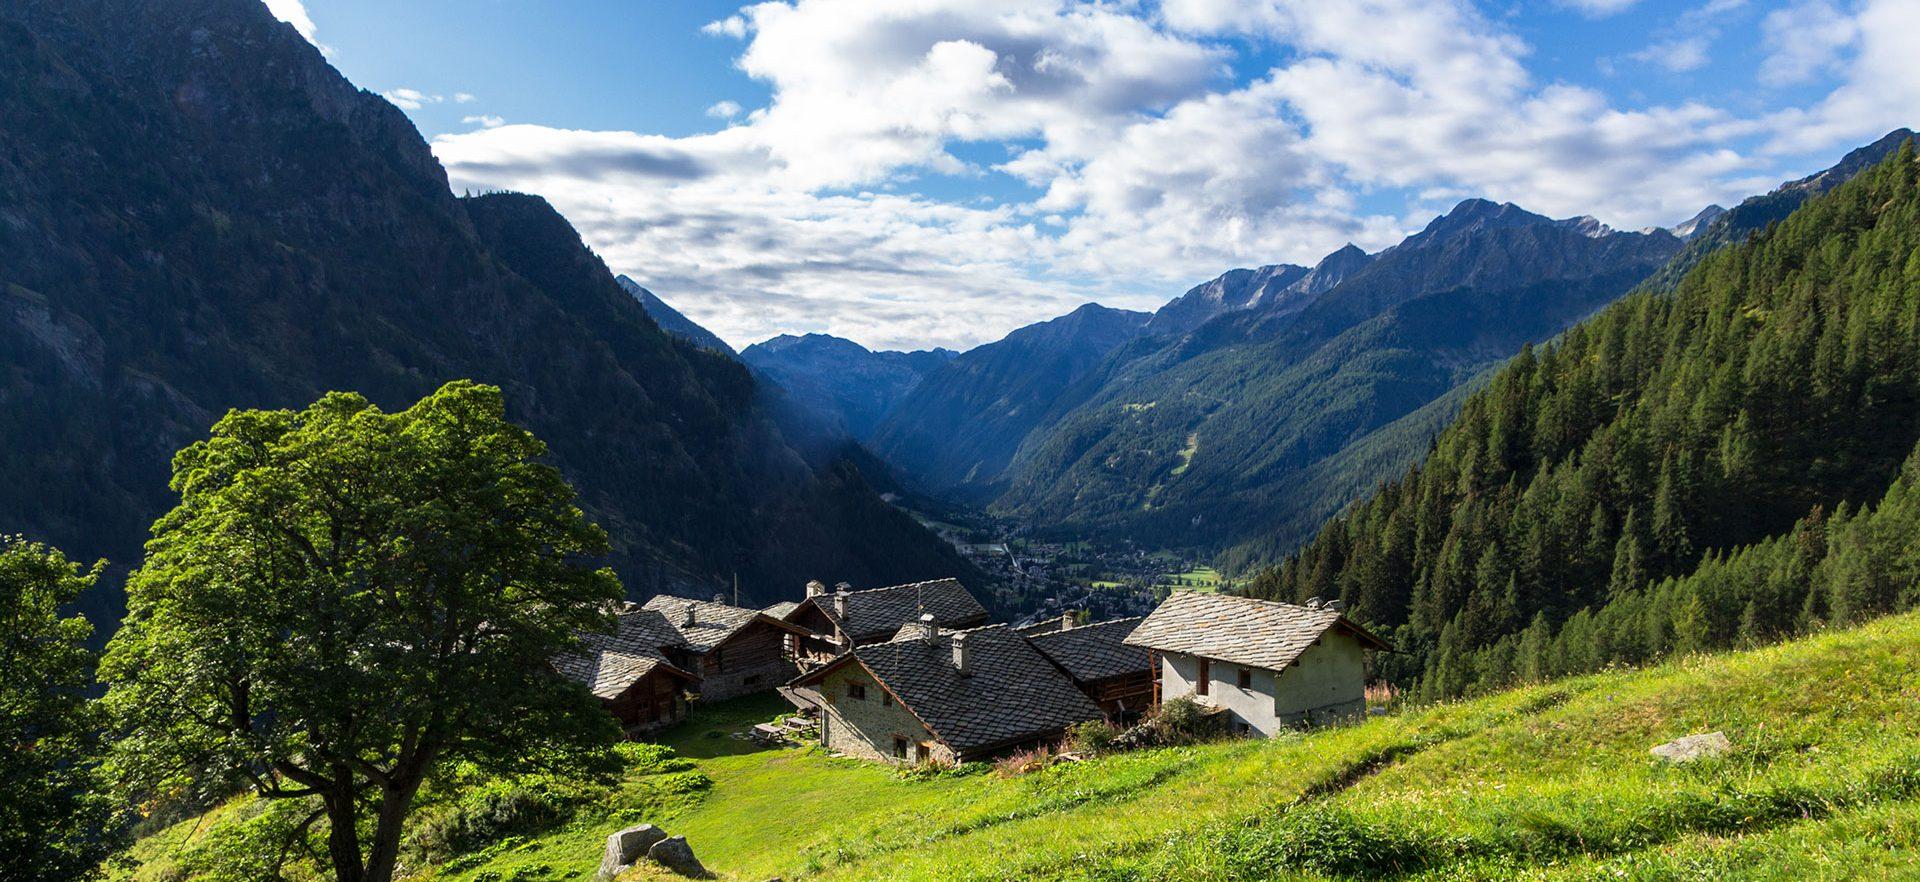 Vom Refugio Alpenzu erhasche ich einen Blick zurück ins Lystal, einem Nebental des Aostatals in Italien.